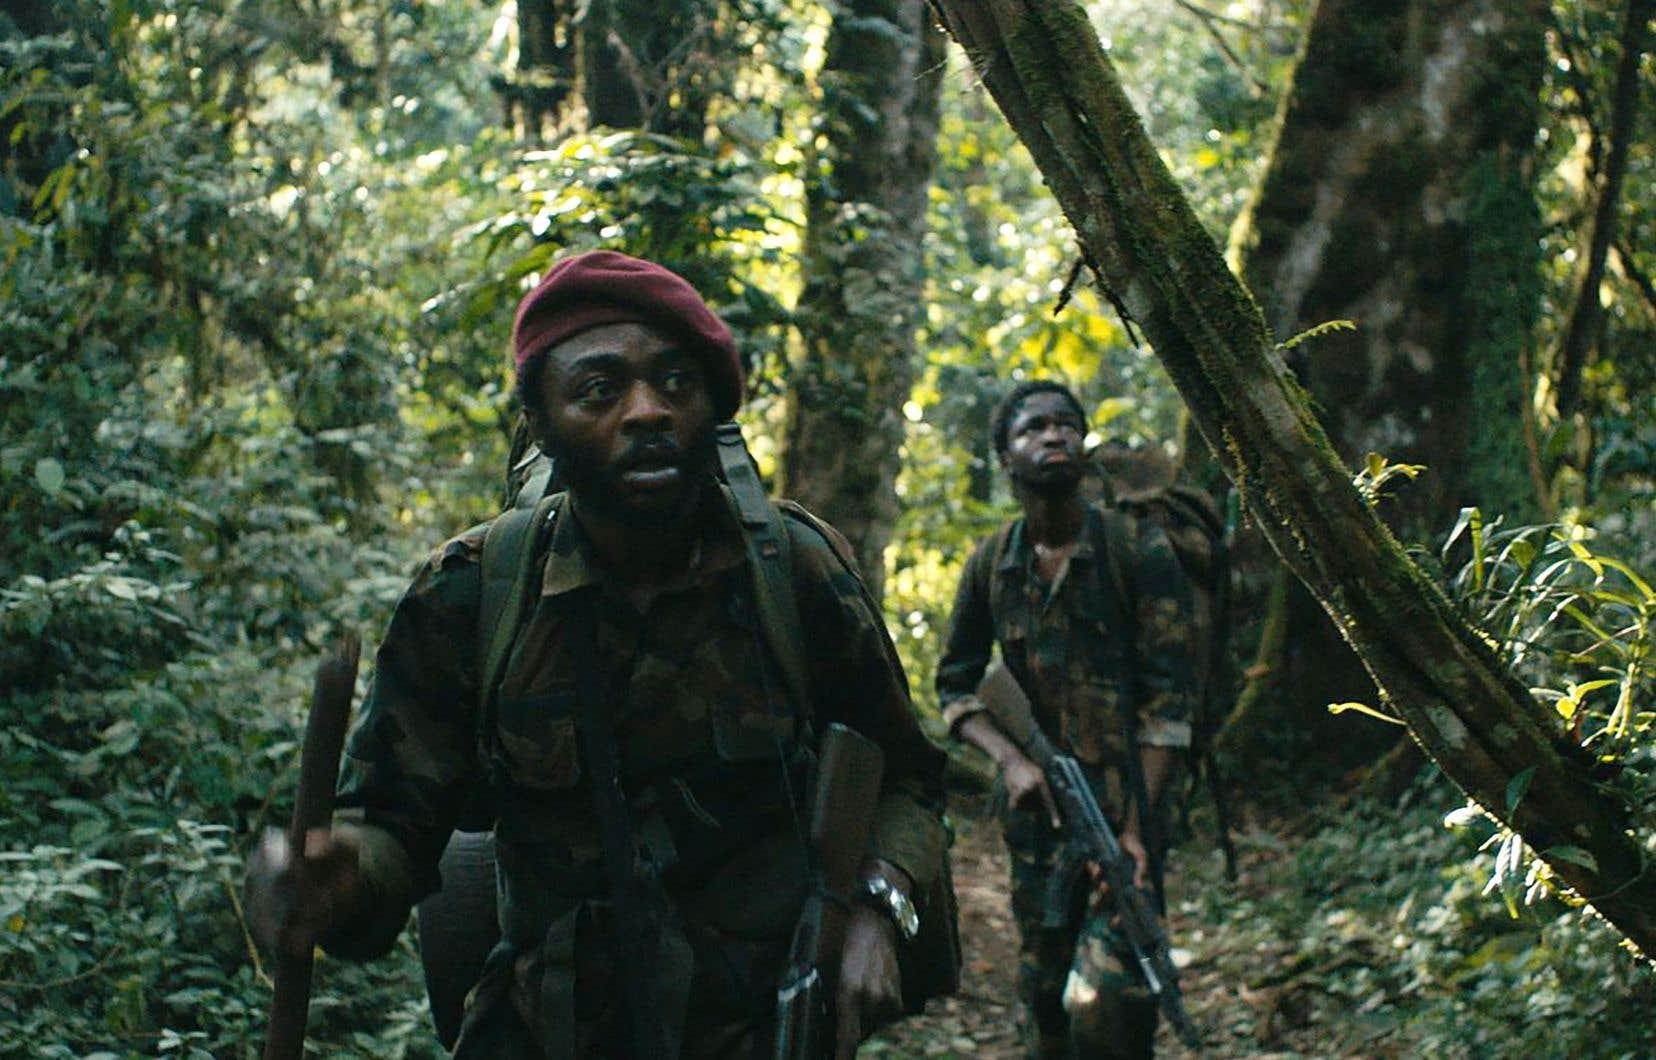 «La miséricorde de la jungle» raconte le périple du sergent Xavier à travers la jungle rwandaise, où il s'est égaré en compagnie du jeune soldat Faustin.